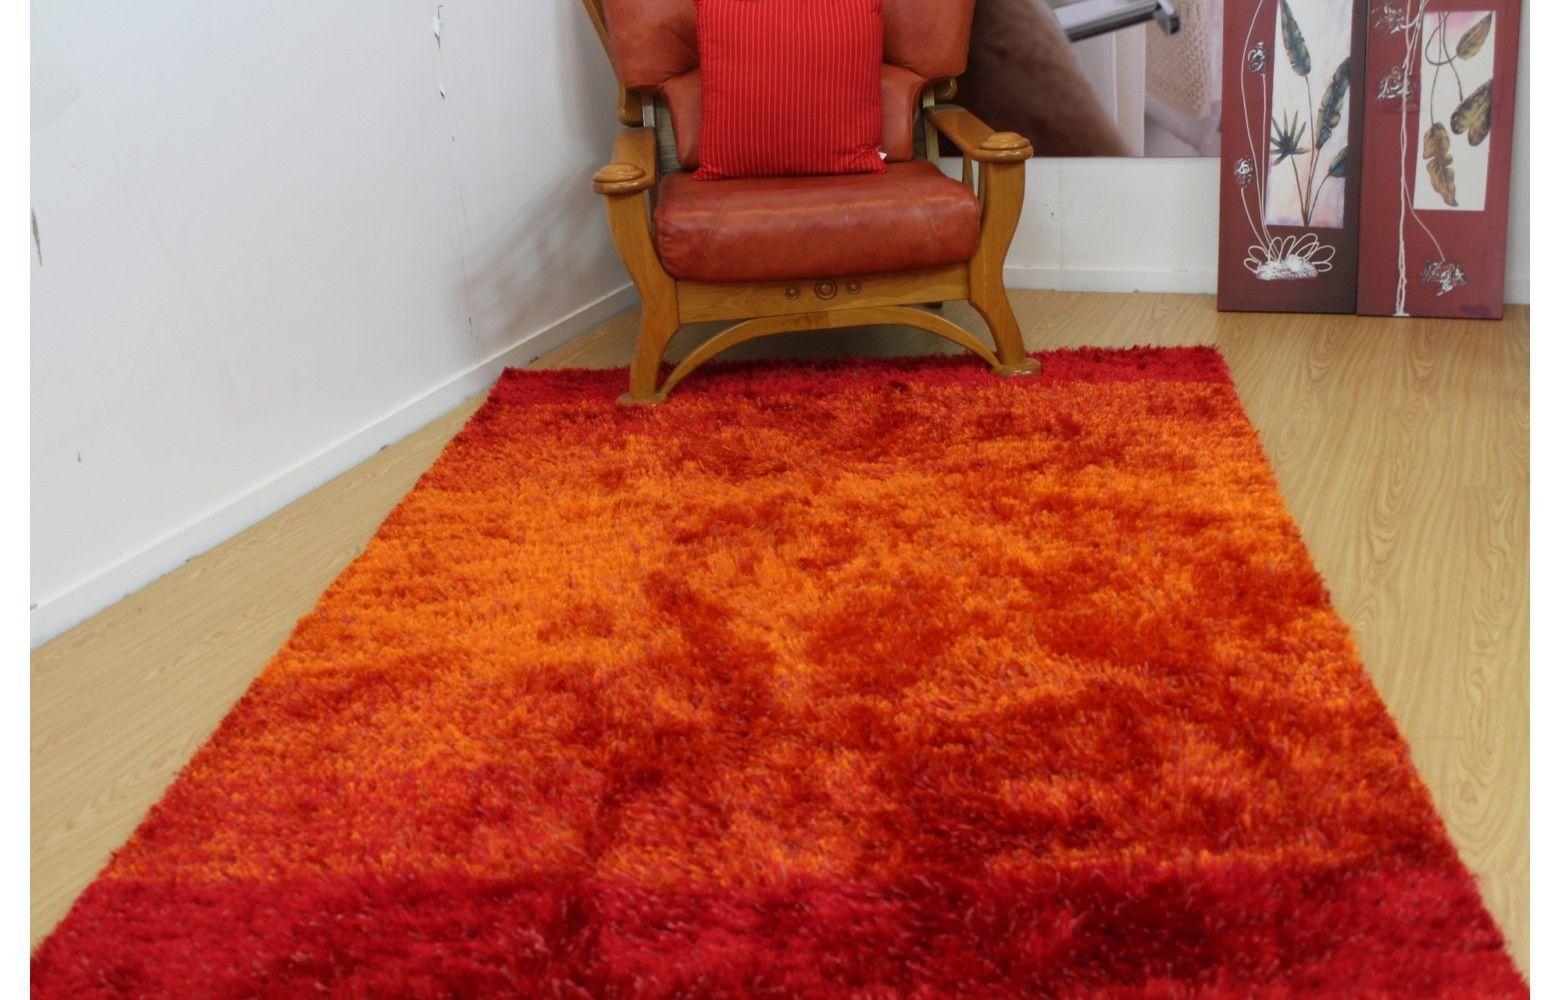 Tappeto Shaggy Super Morbido Whisper Coloreee Arancione S-M-grandi dimensioni in vendita promozionale